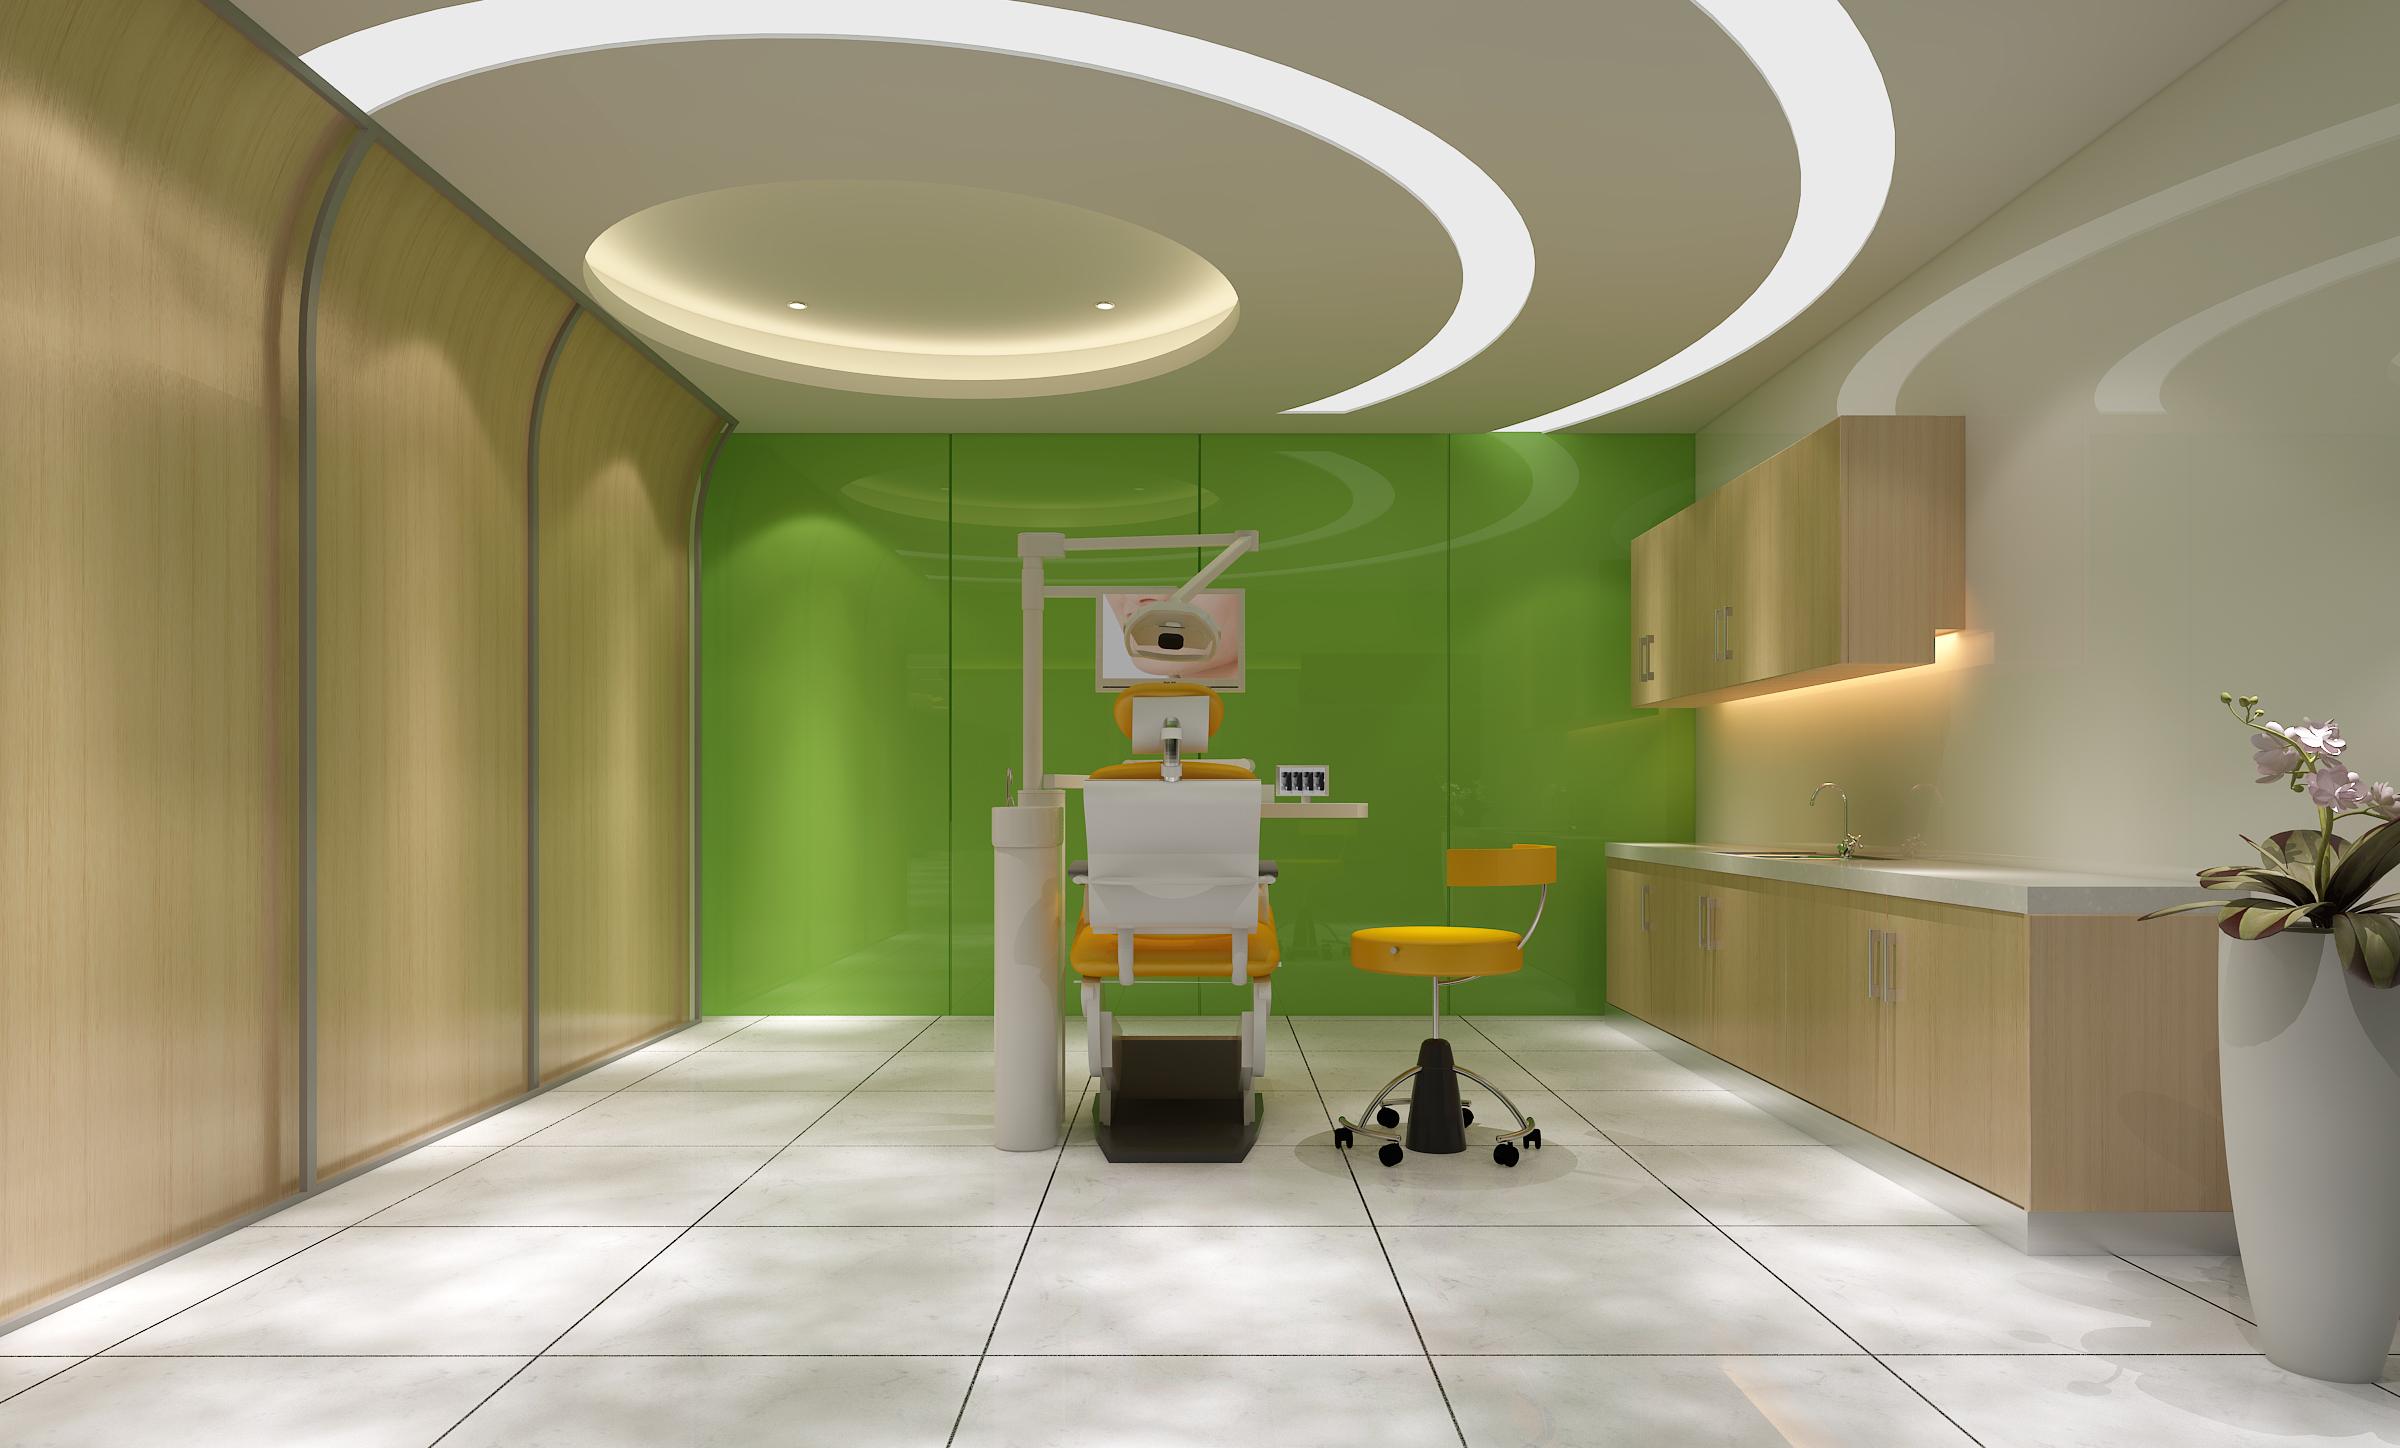 口腔门诊设计/牙科诊所设计/牙科诊所装修/口腔诊所图片